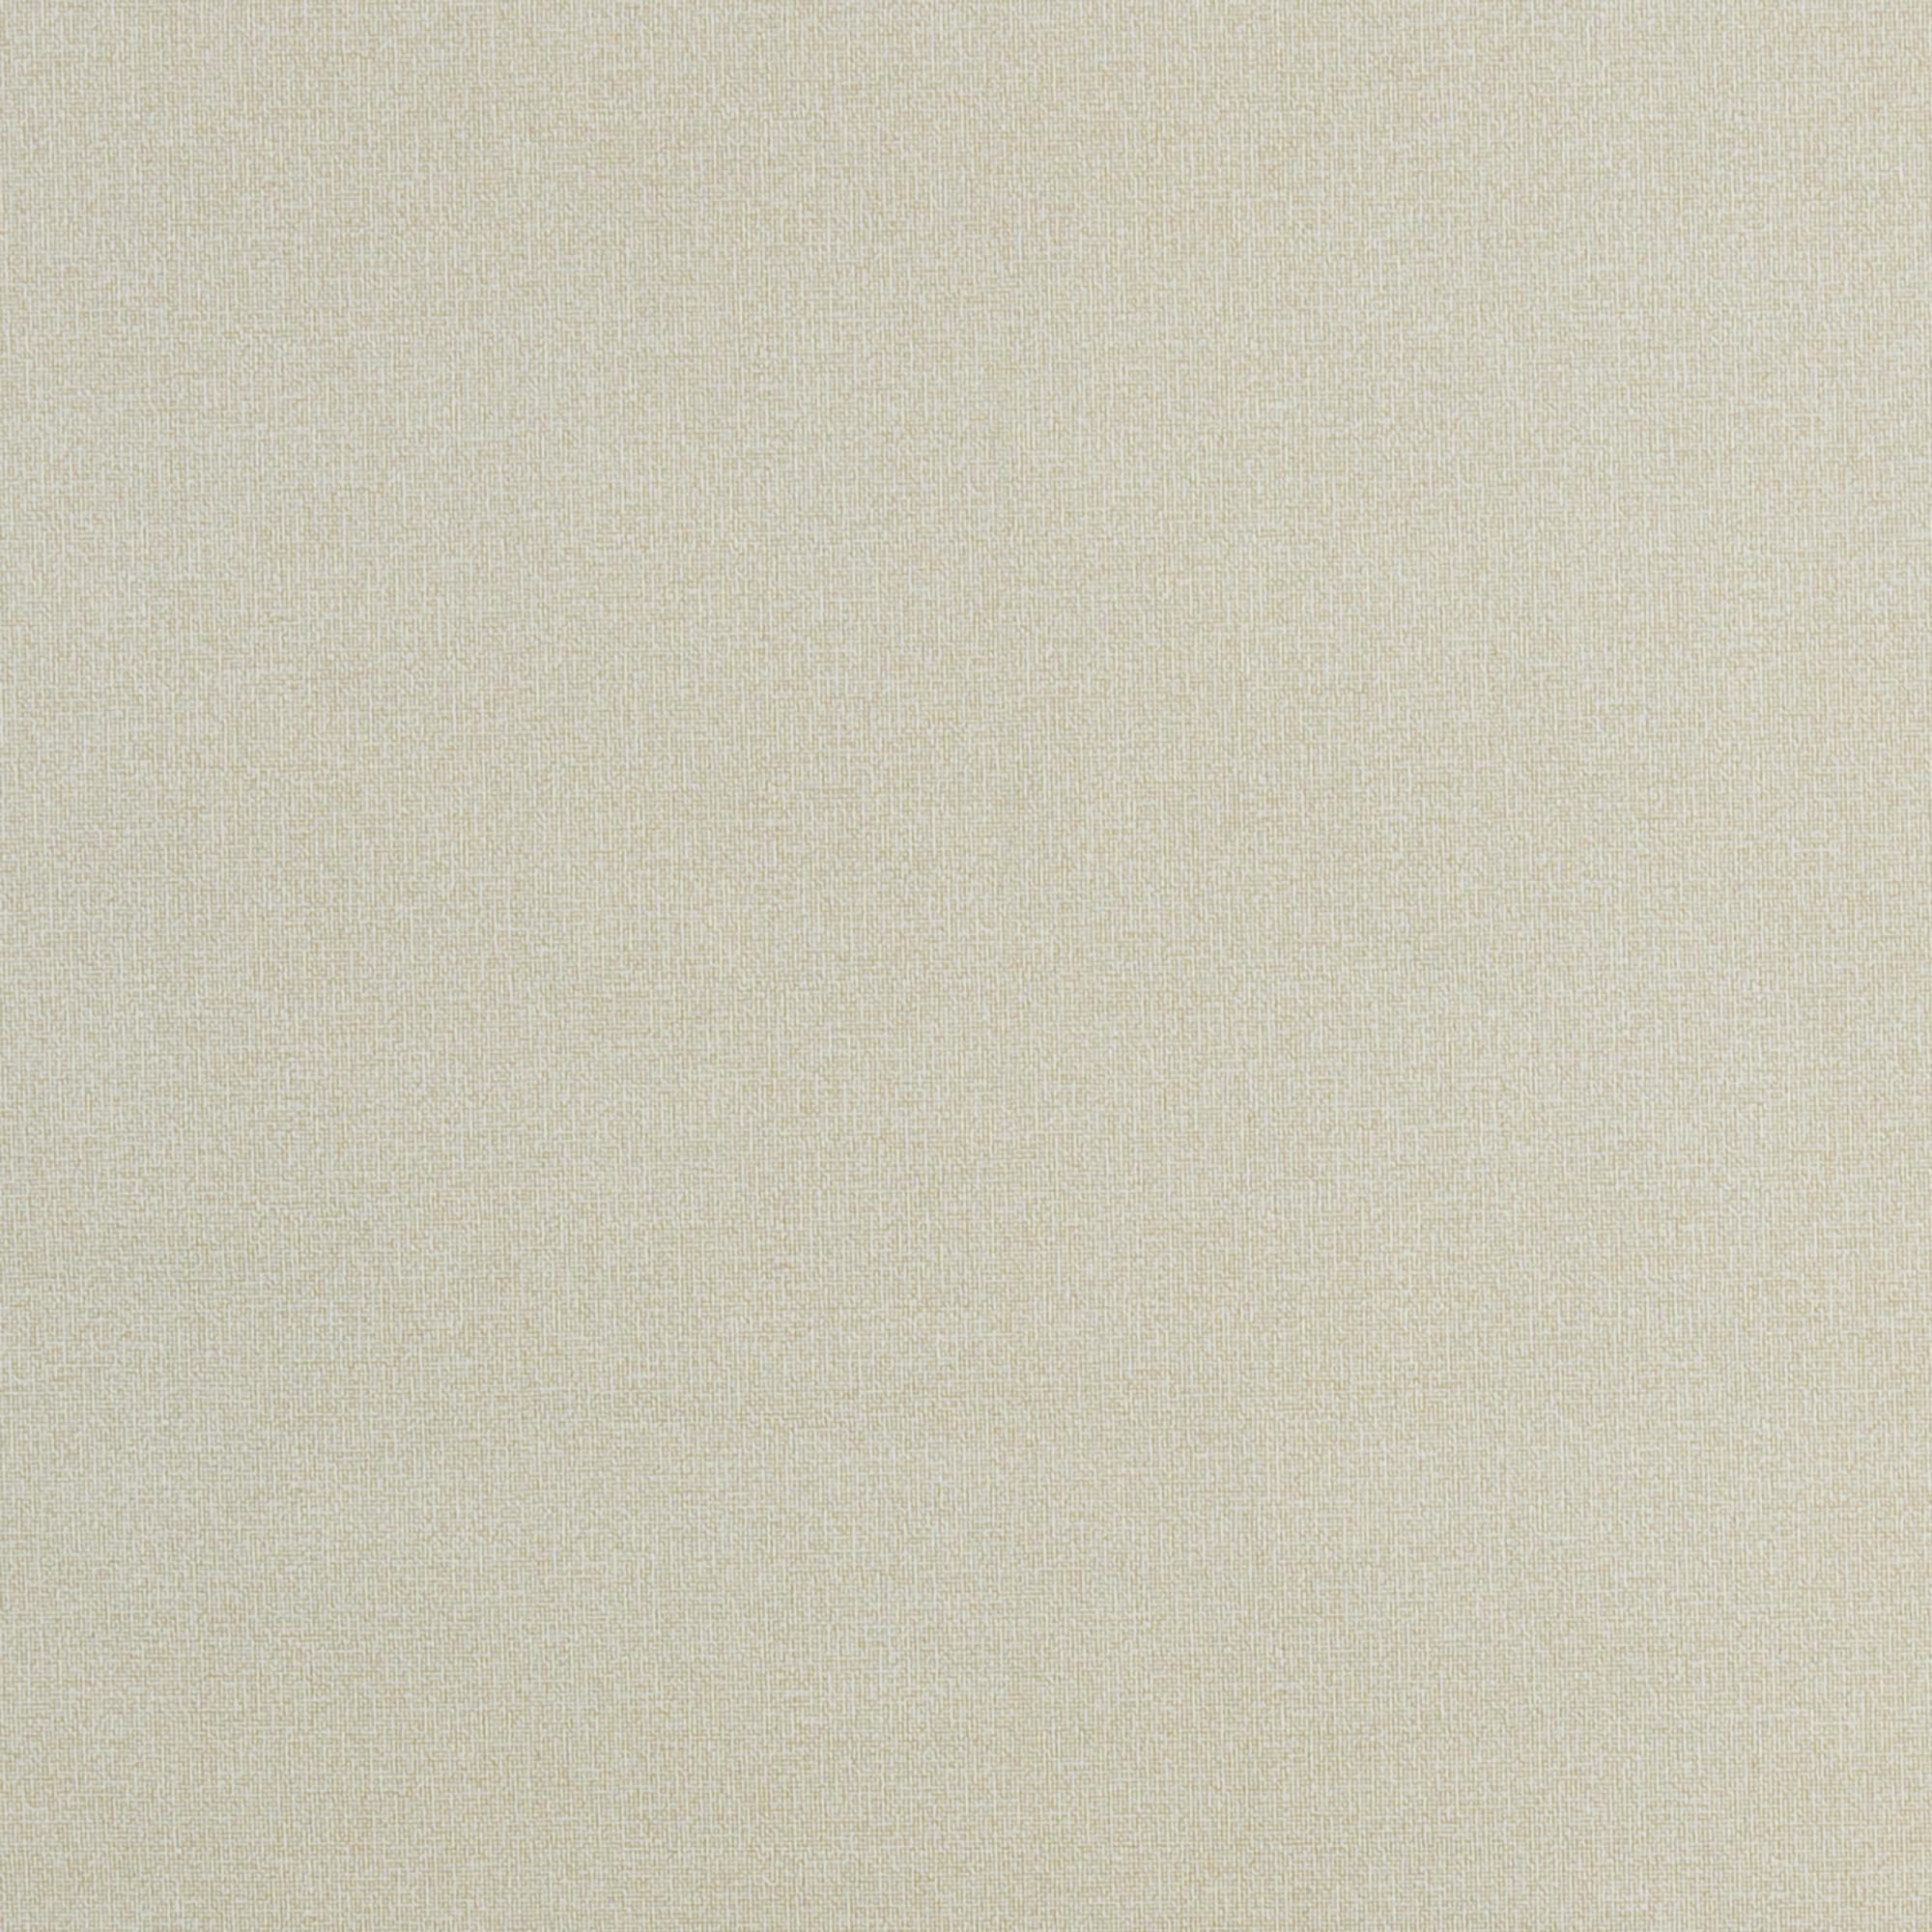 Обои на флизелиновой основе 1.06х10 м фон цвет коричневый IP 4193-53